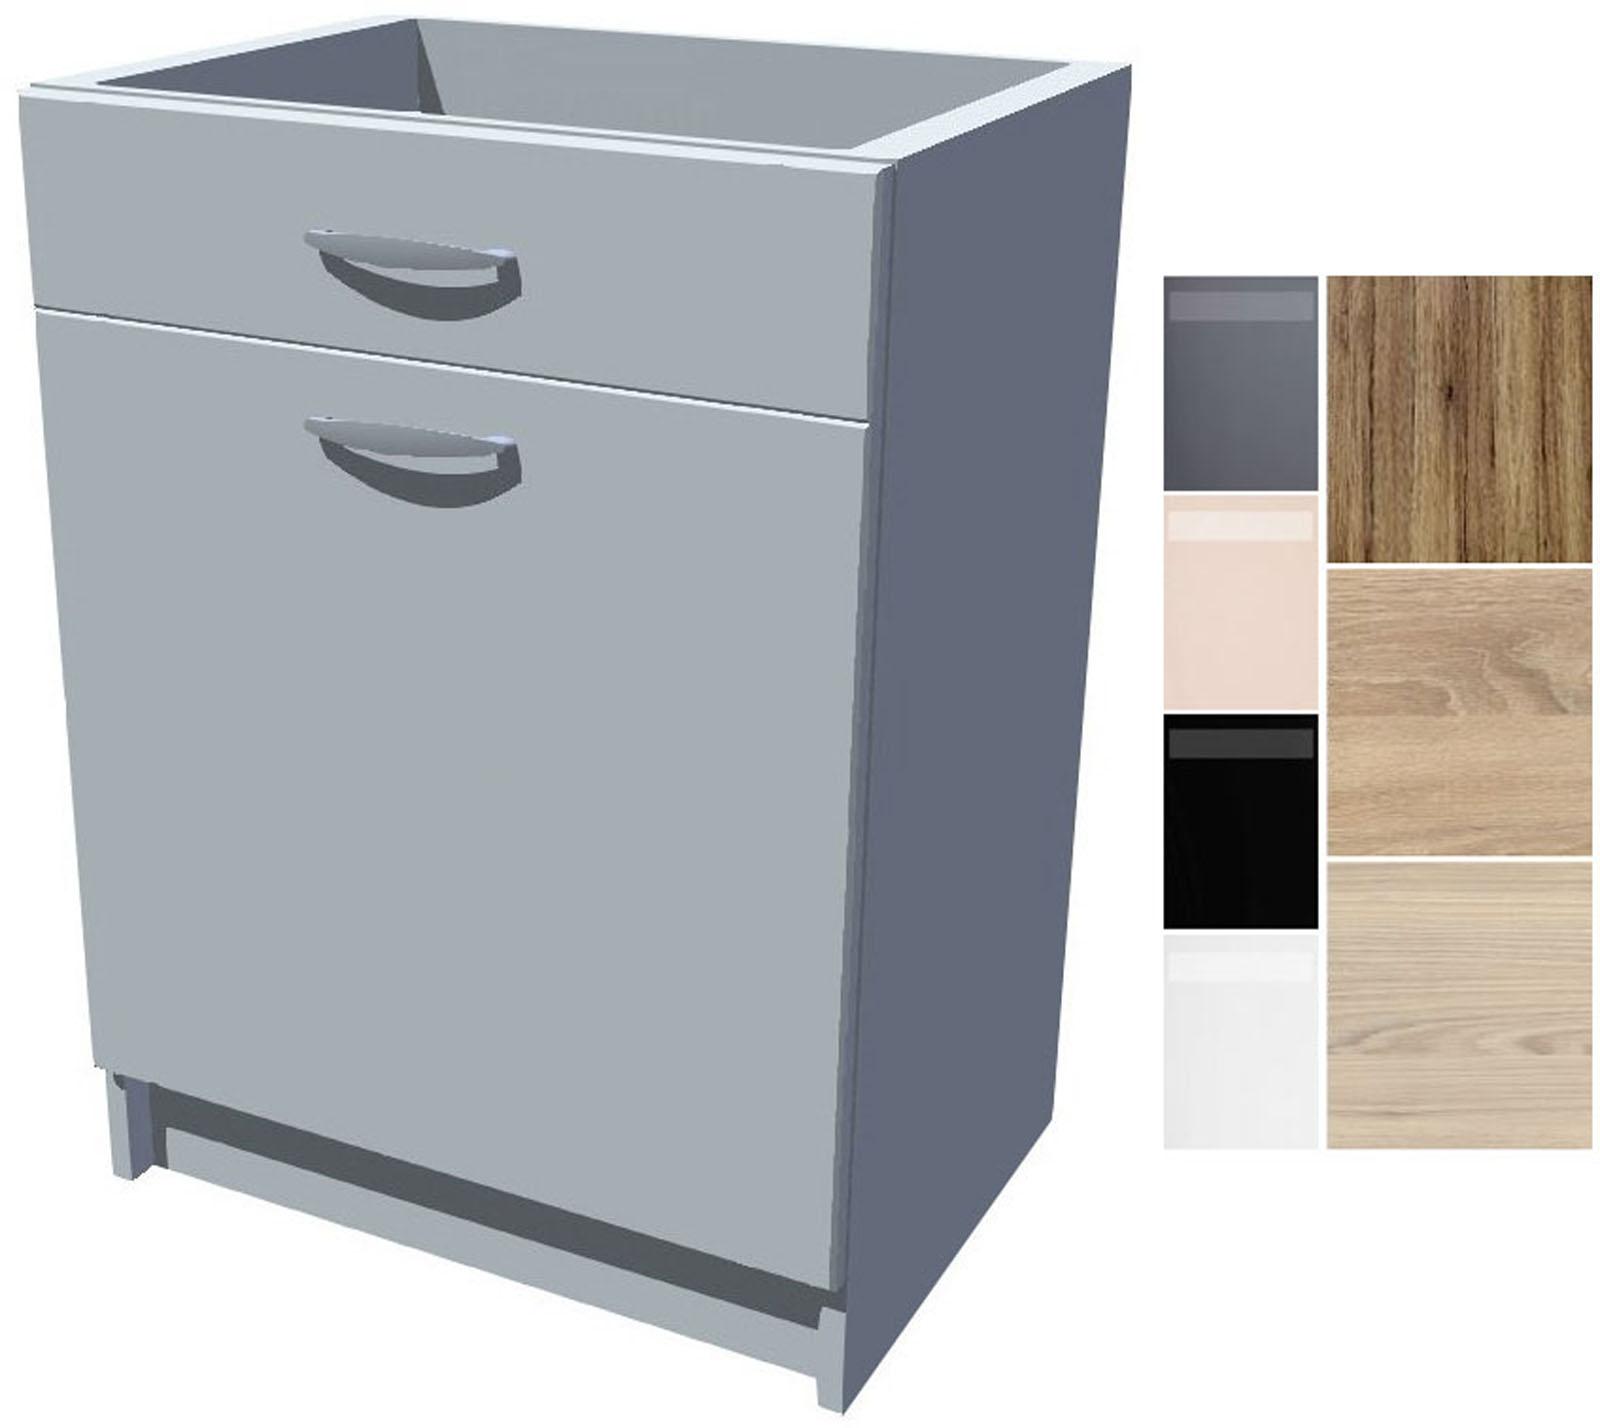 Spodní kuchyňská skříňka Iga 50 cm s šuplíkem